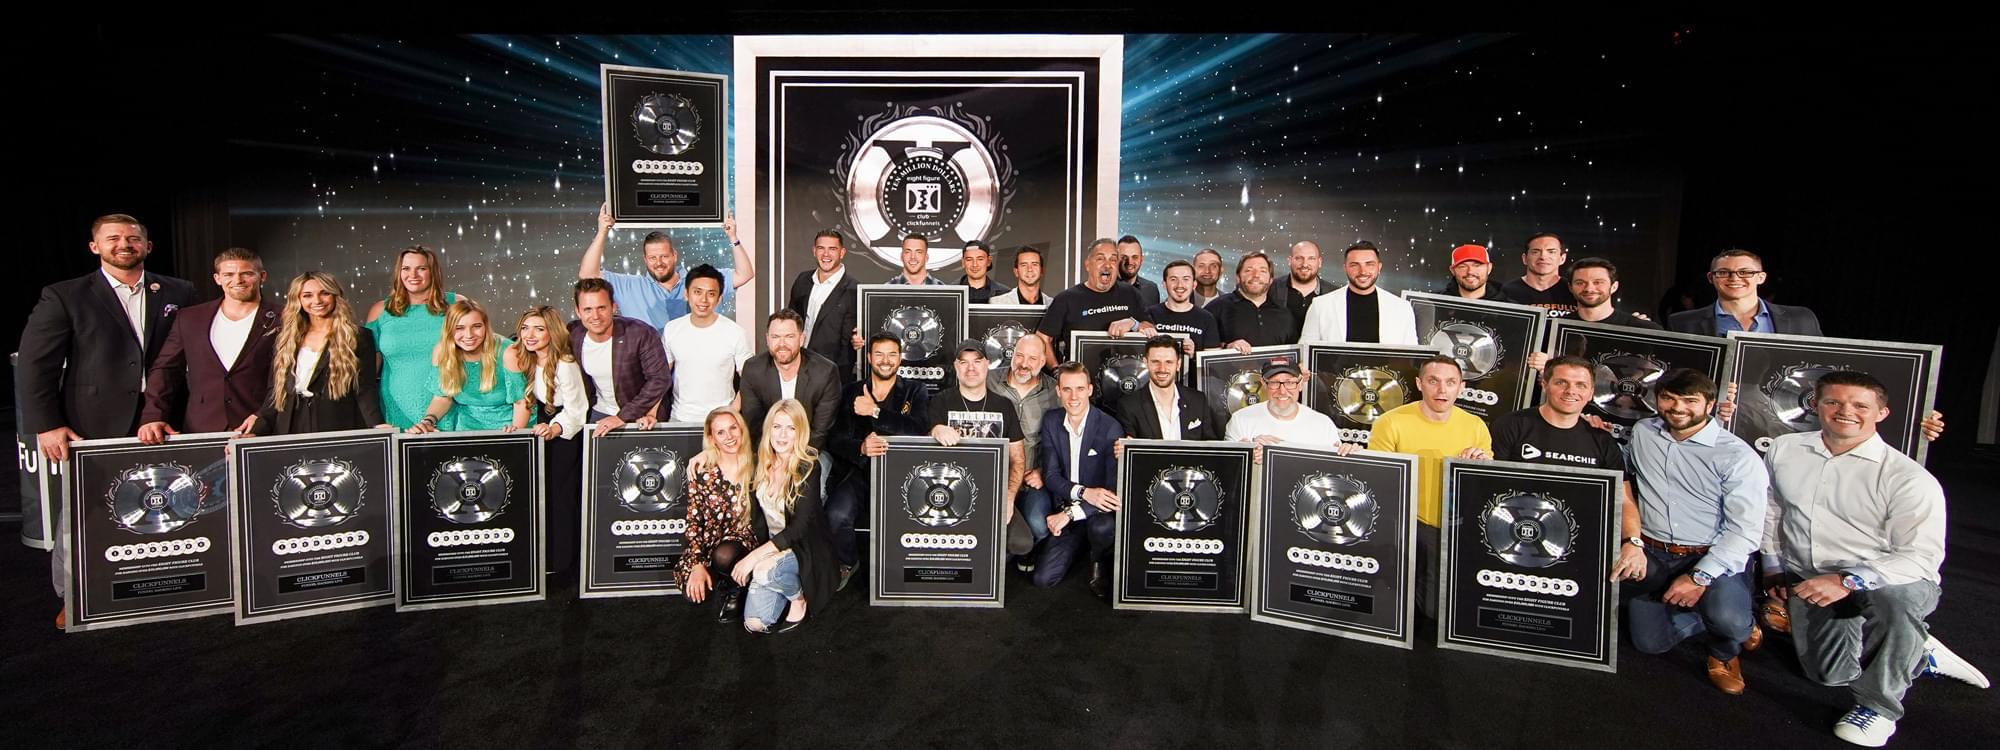 2 comma club award winners